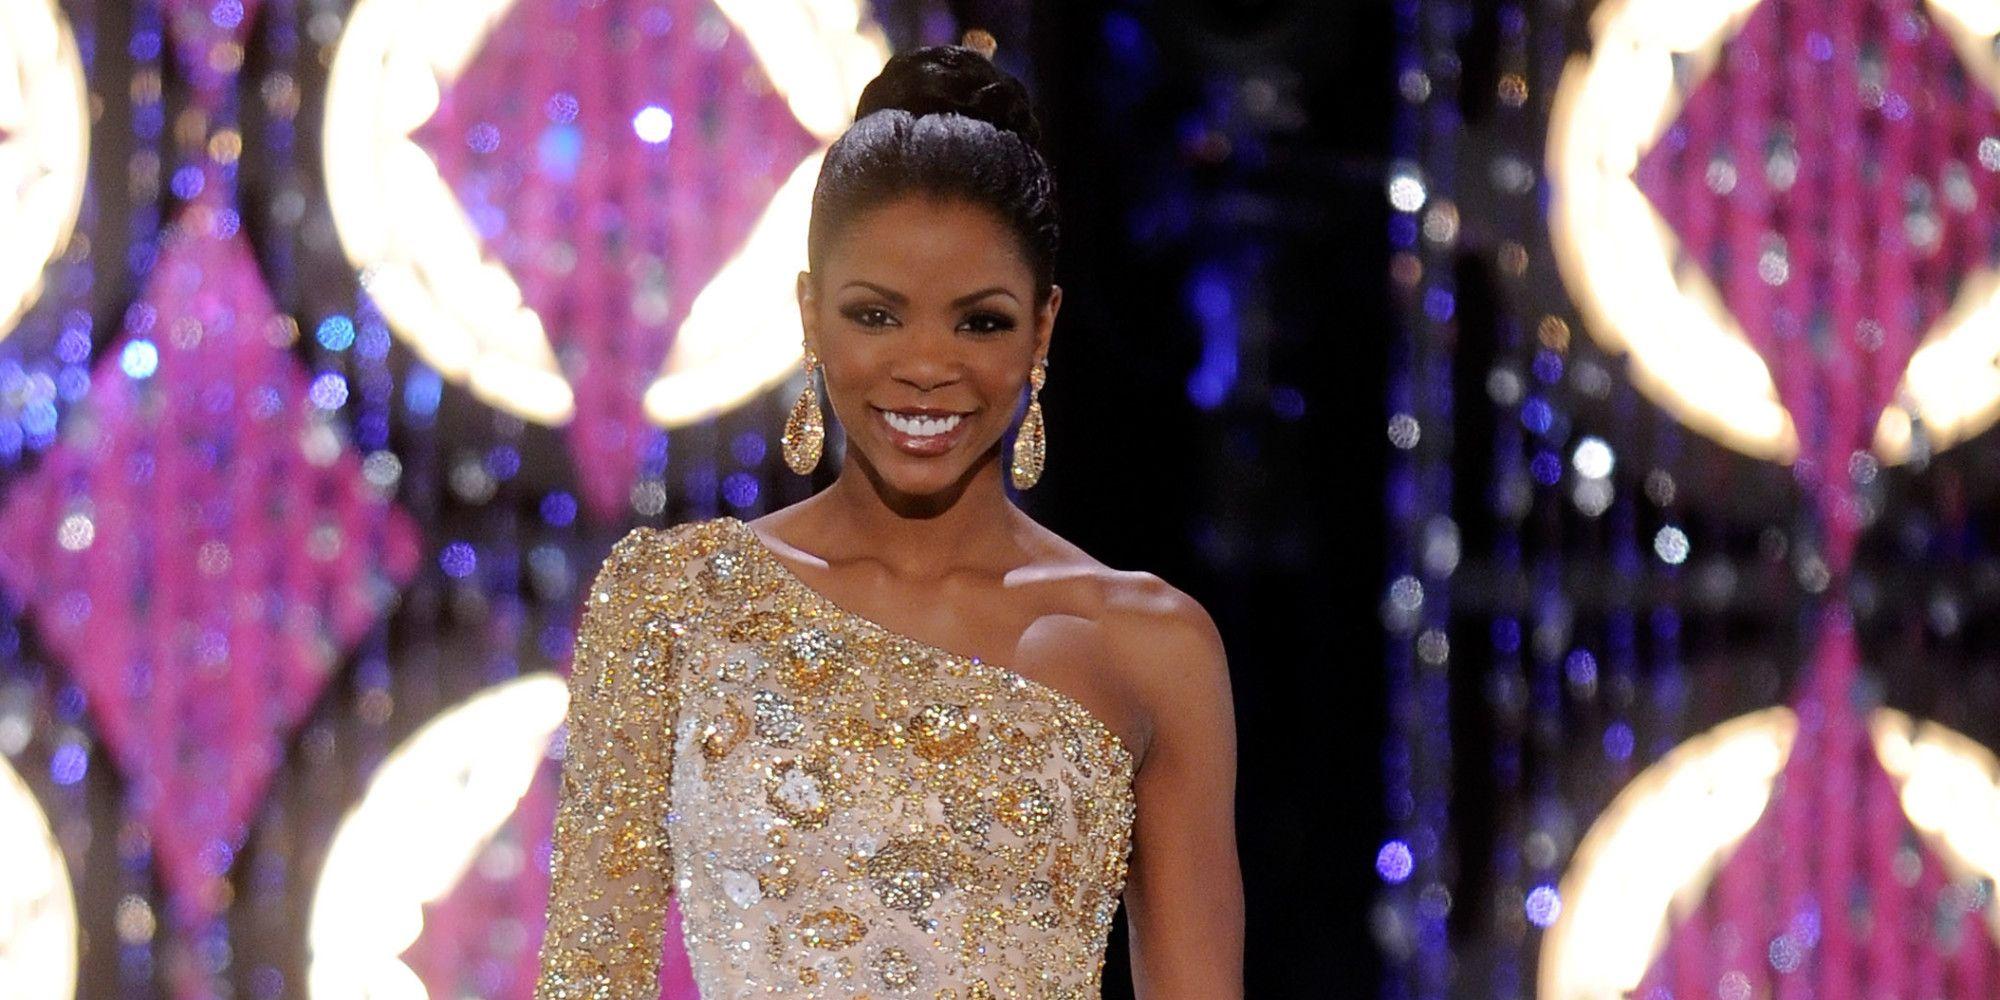 Former Miss Kentucky winnder Djuan Trent.